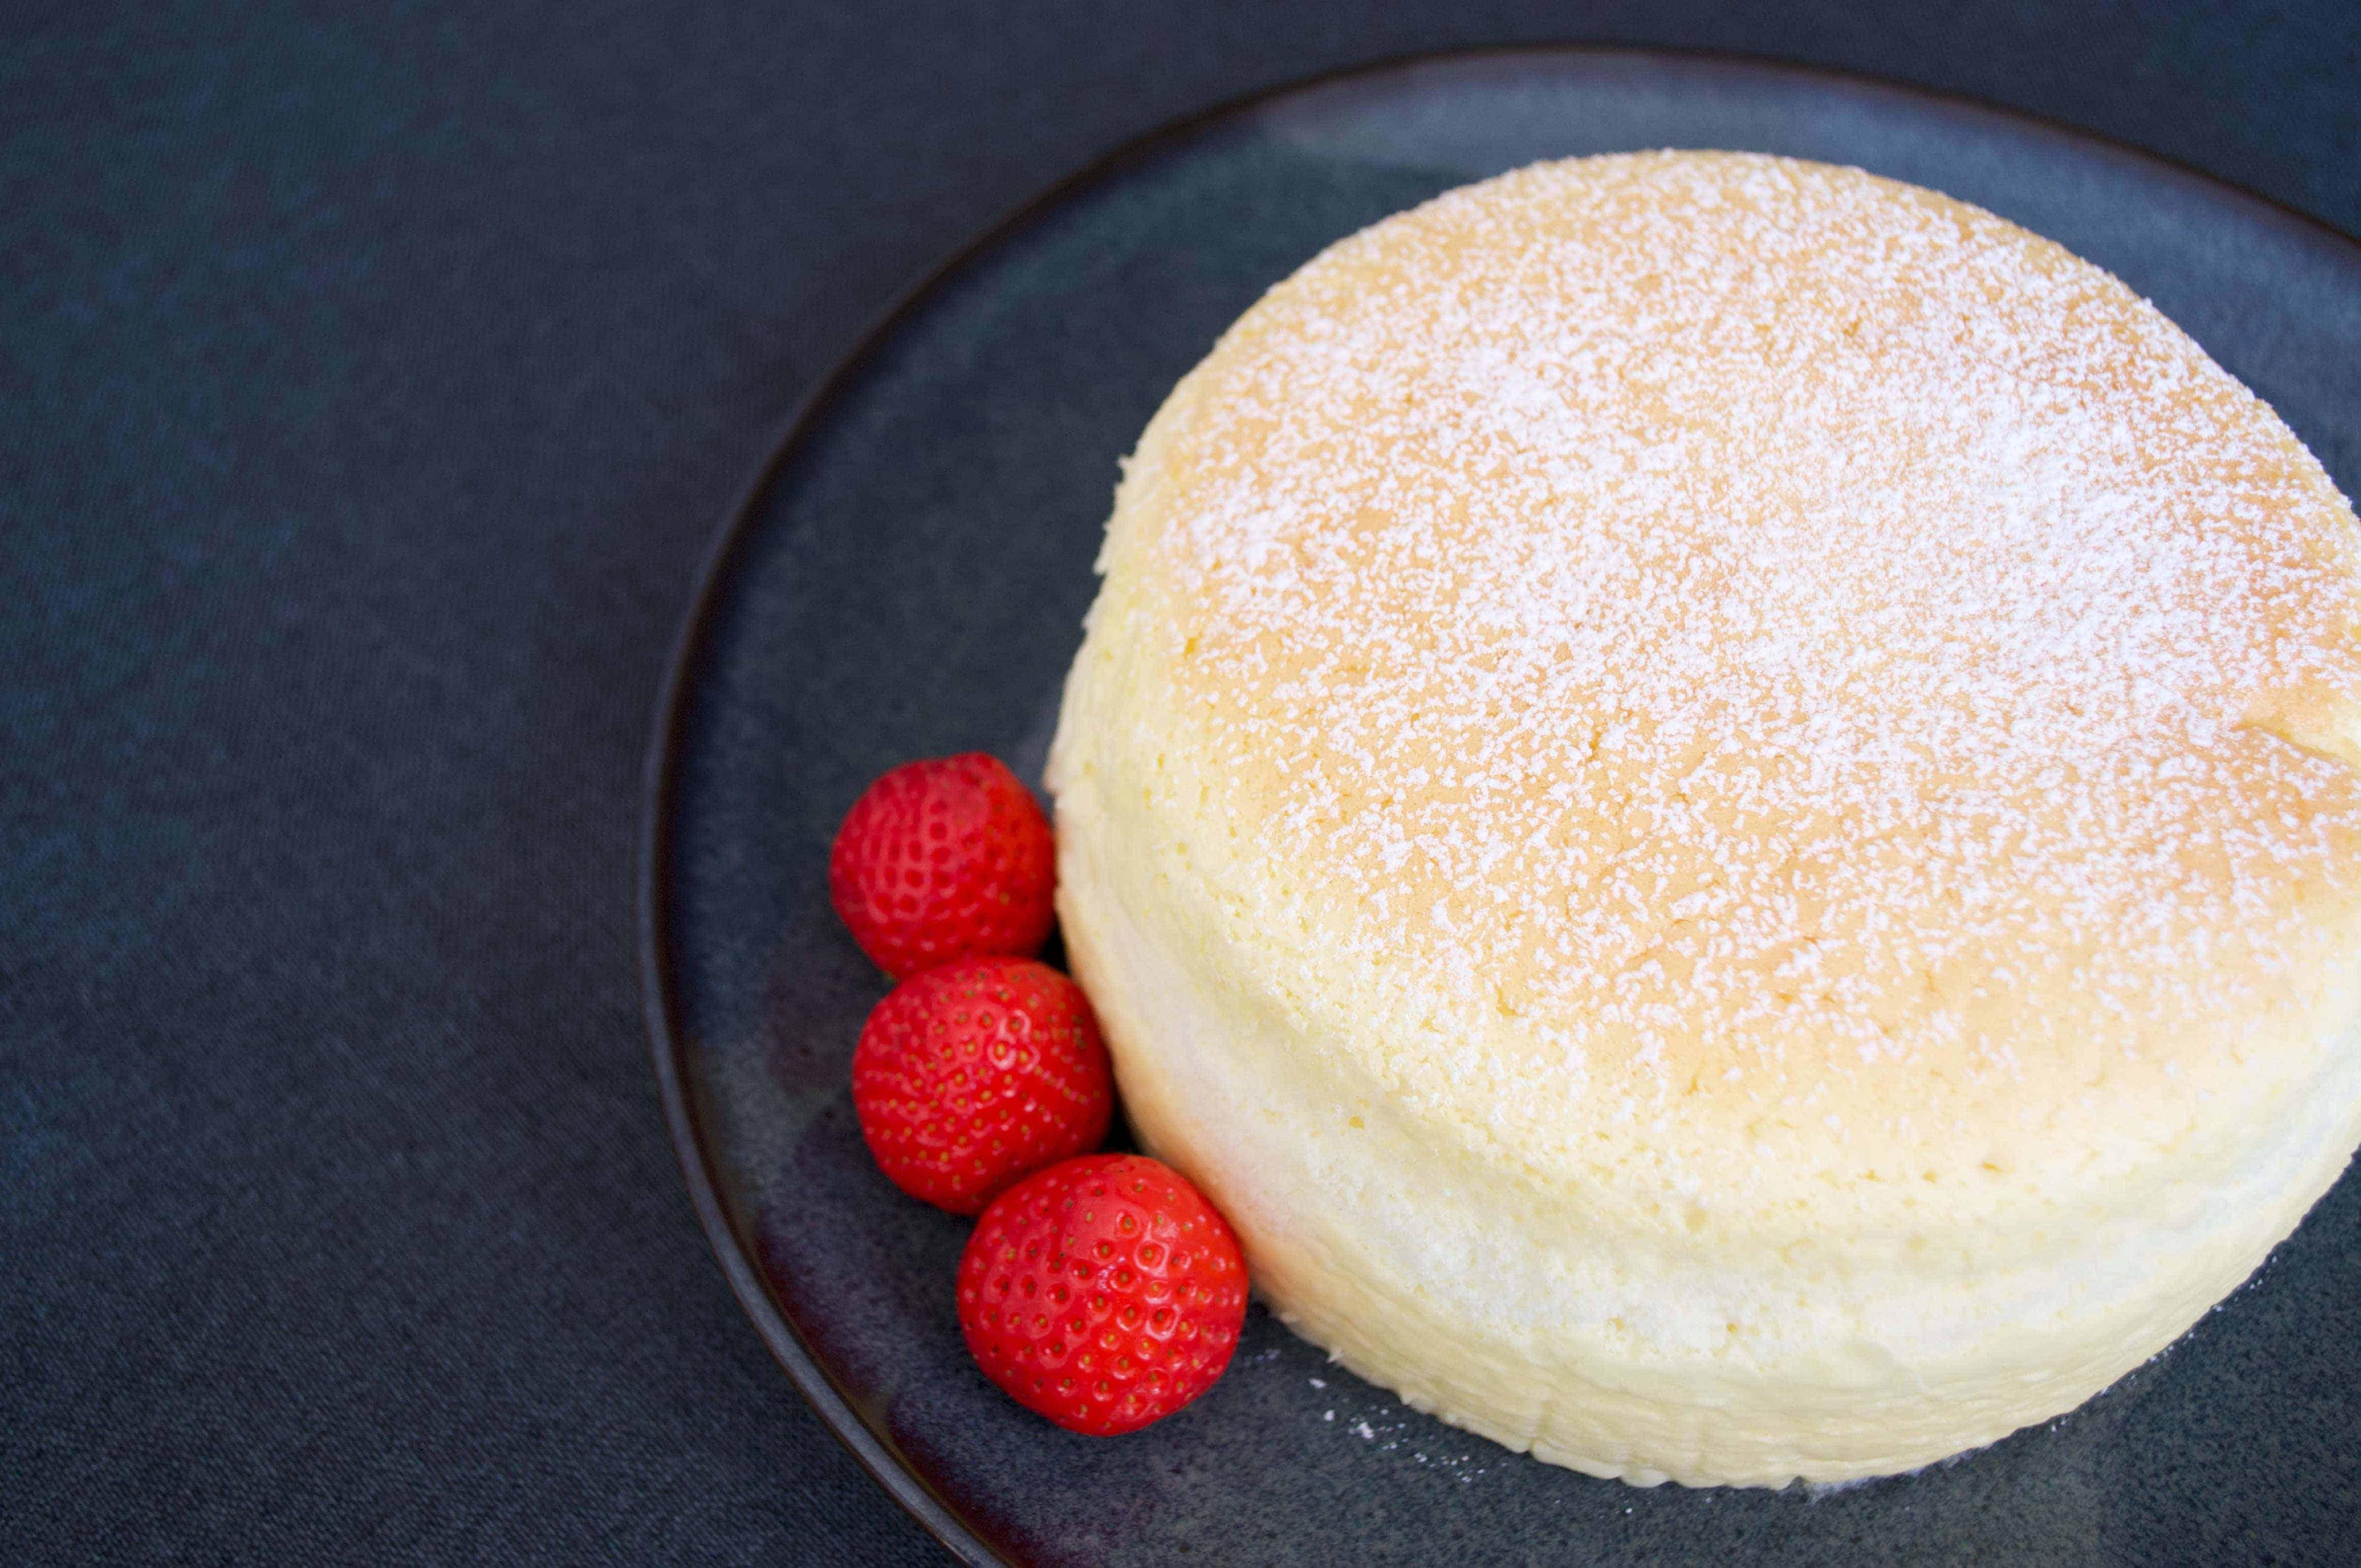 Receta Cheesecake Japonesa - El Auténtico Pastel de Queso Japonés